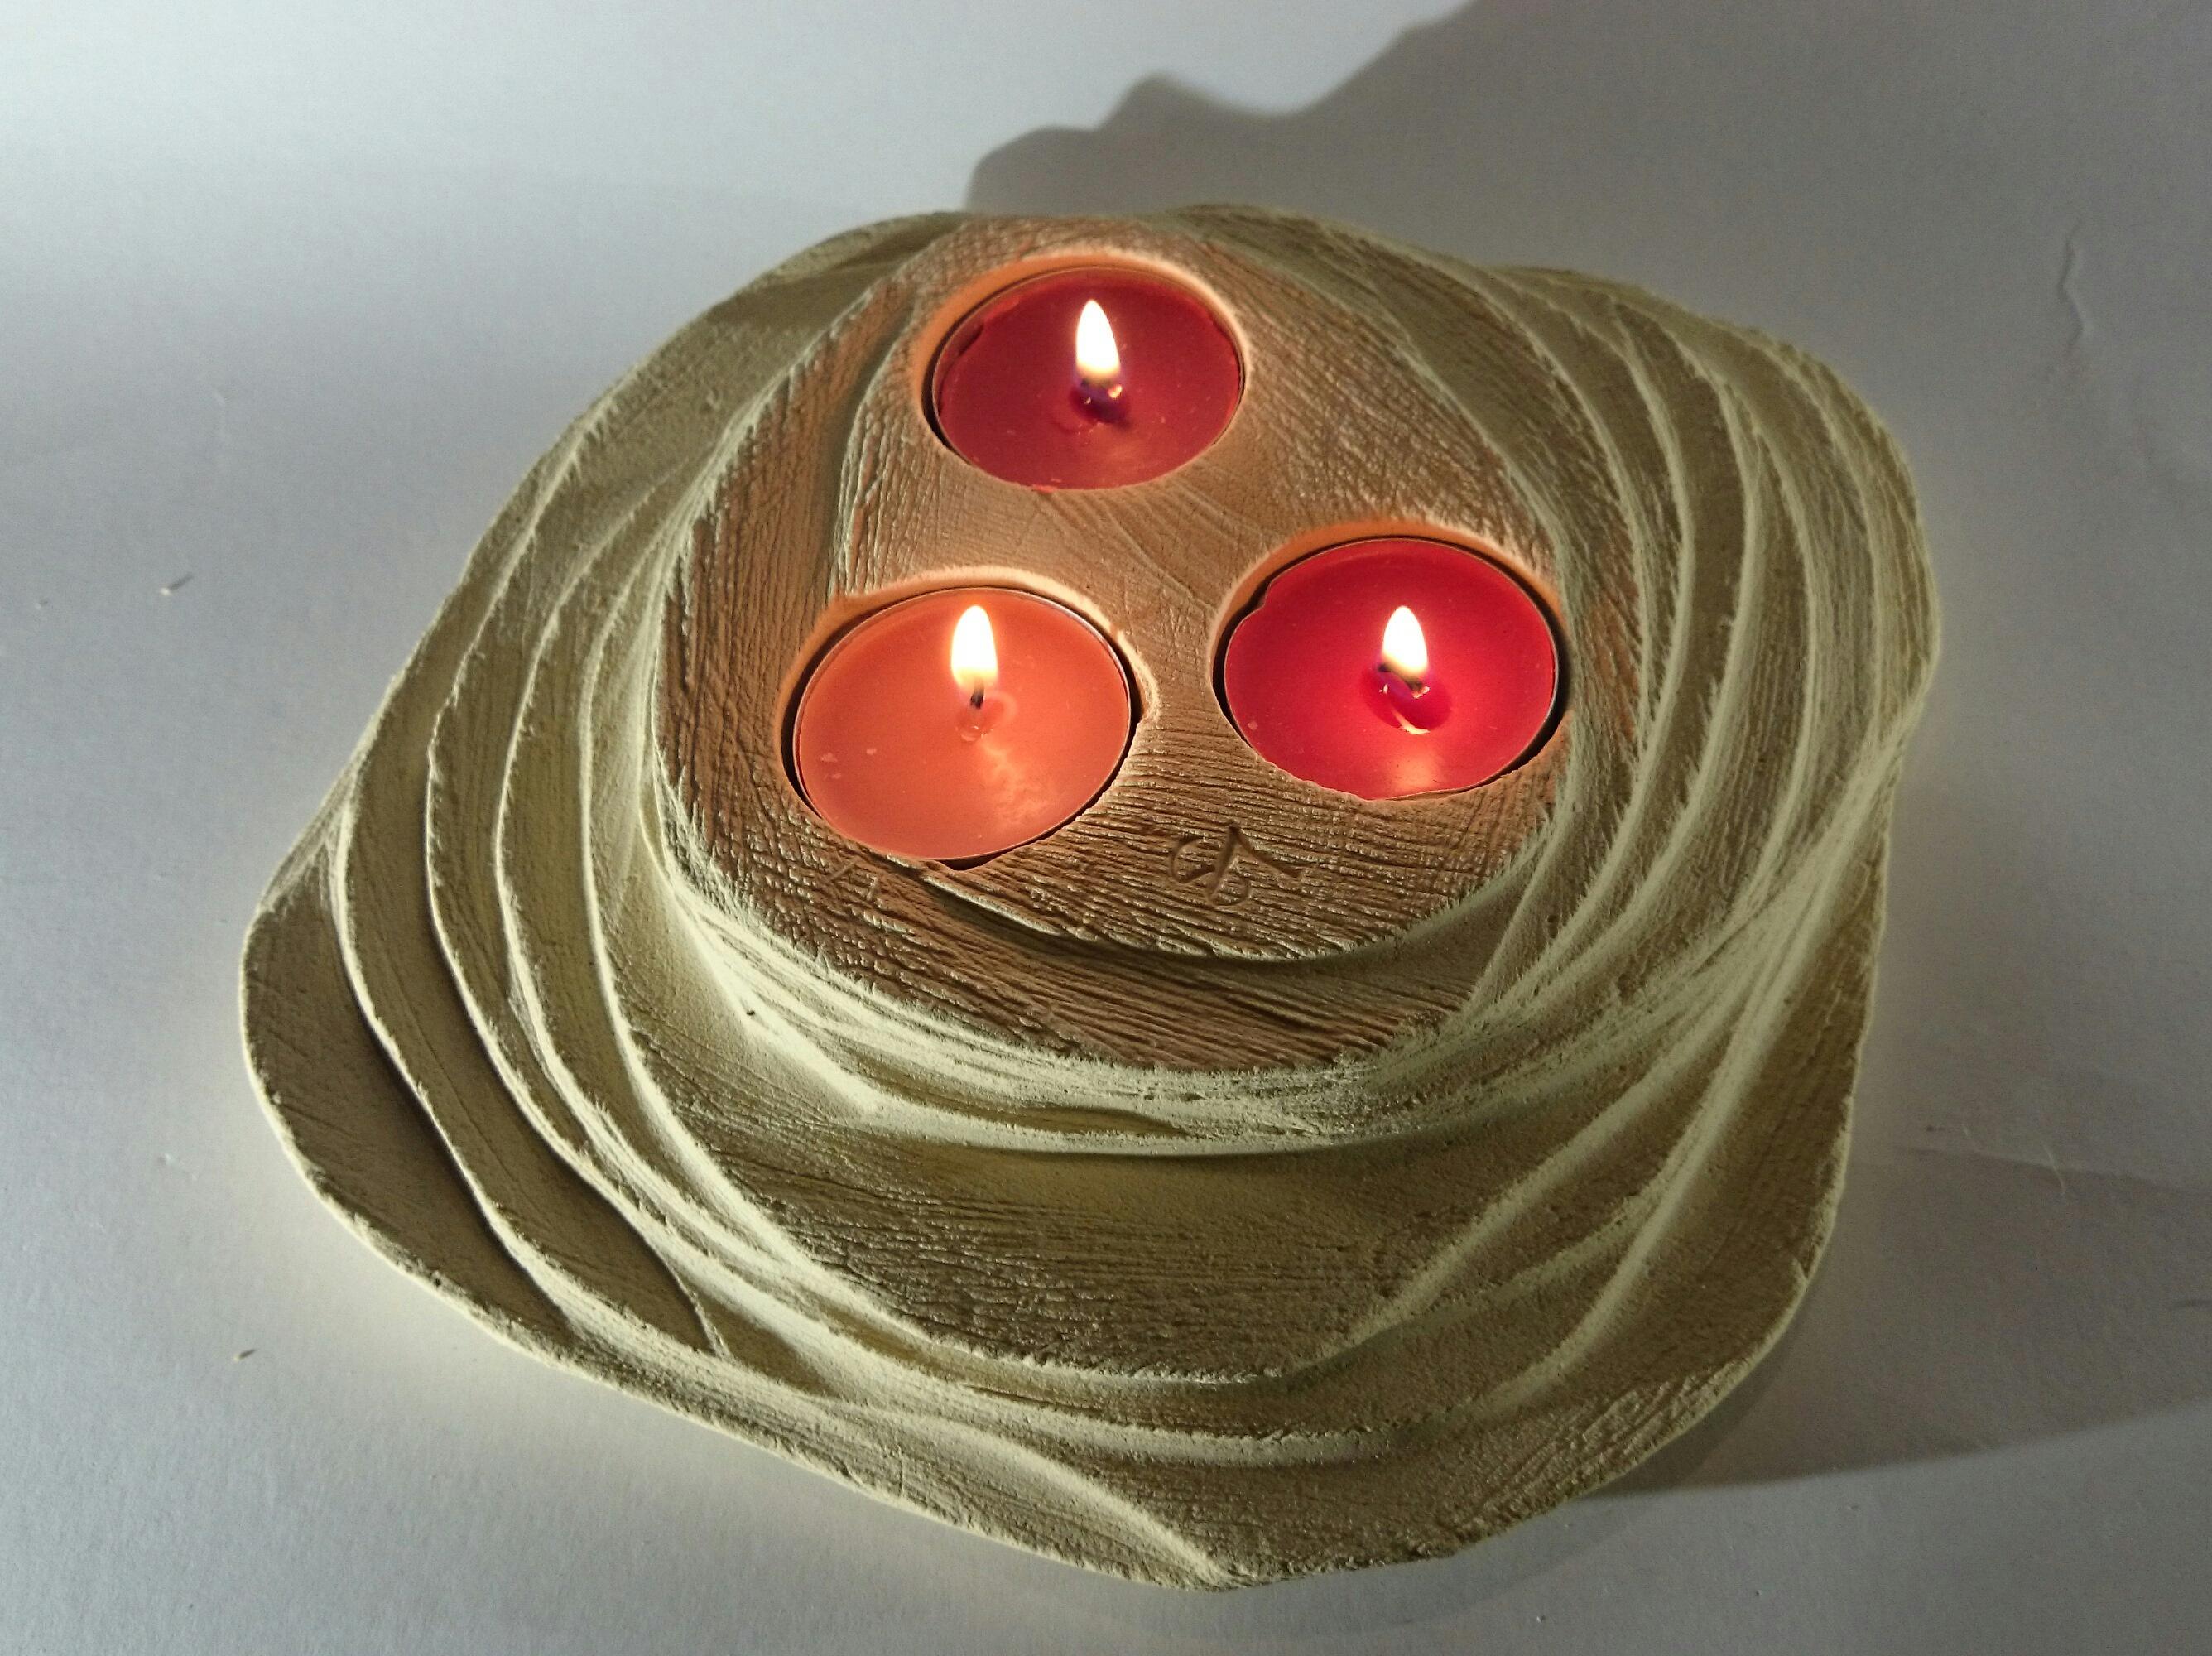 Canyon_porta candele (2)